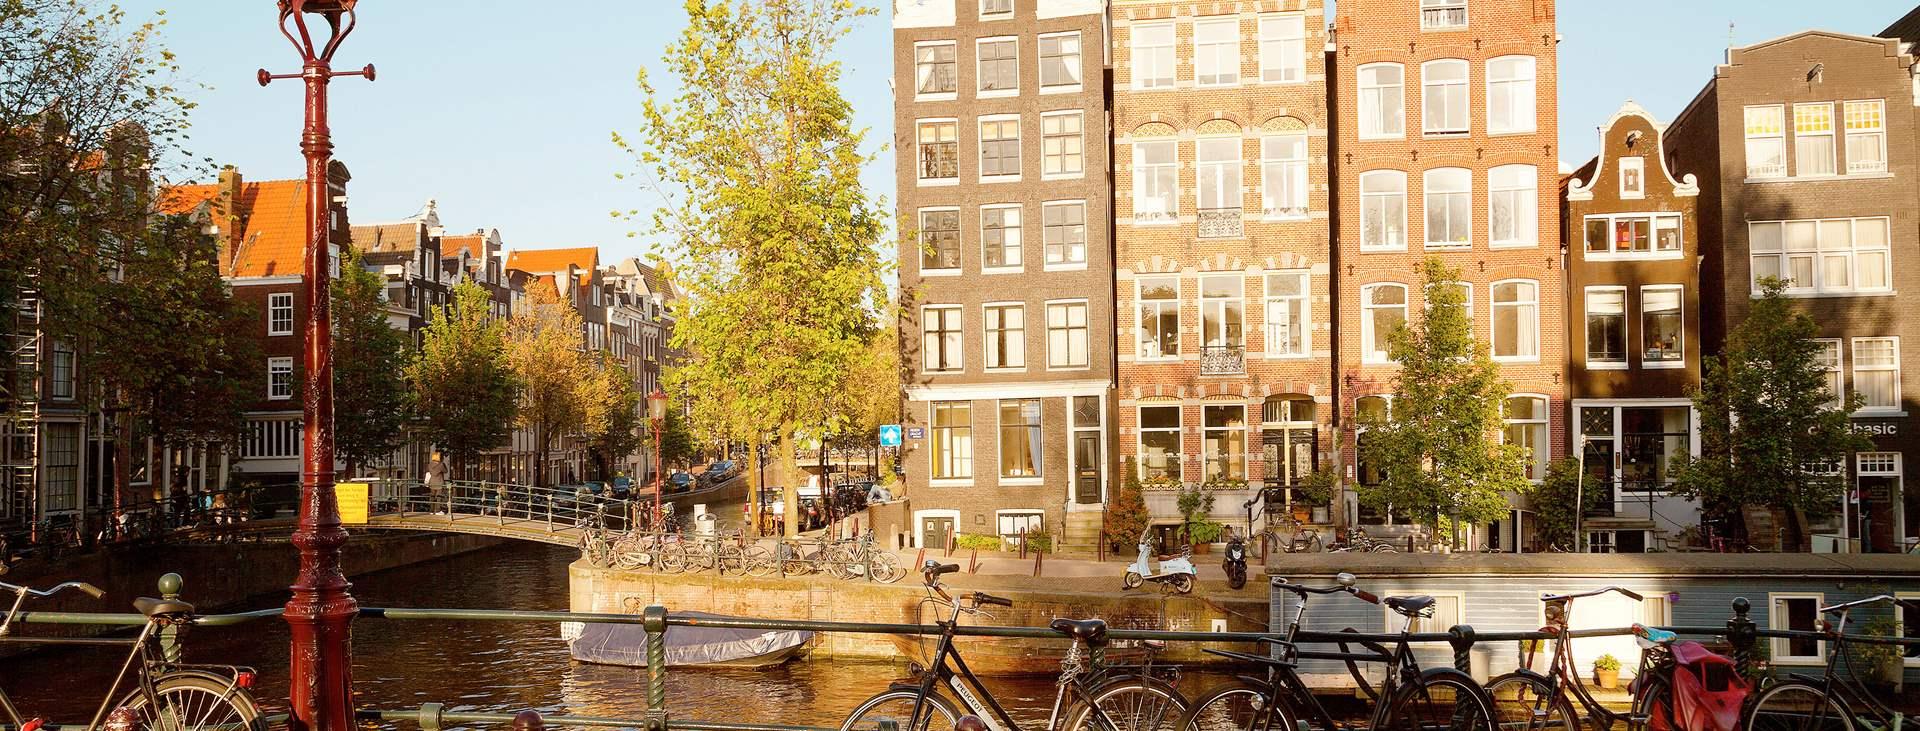 Bestill en reise til Amsterdam i Nederland med Ving